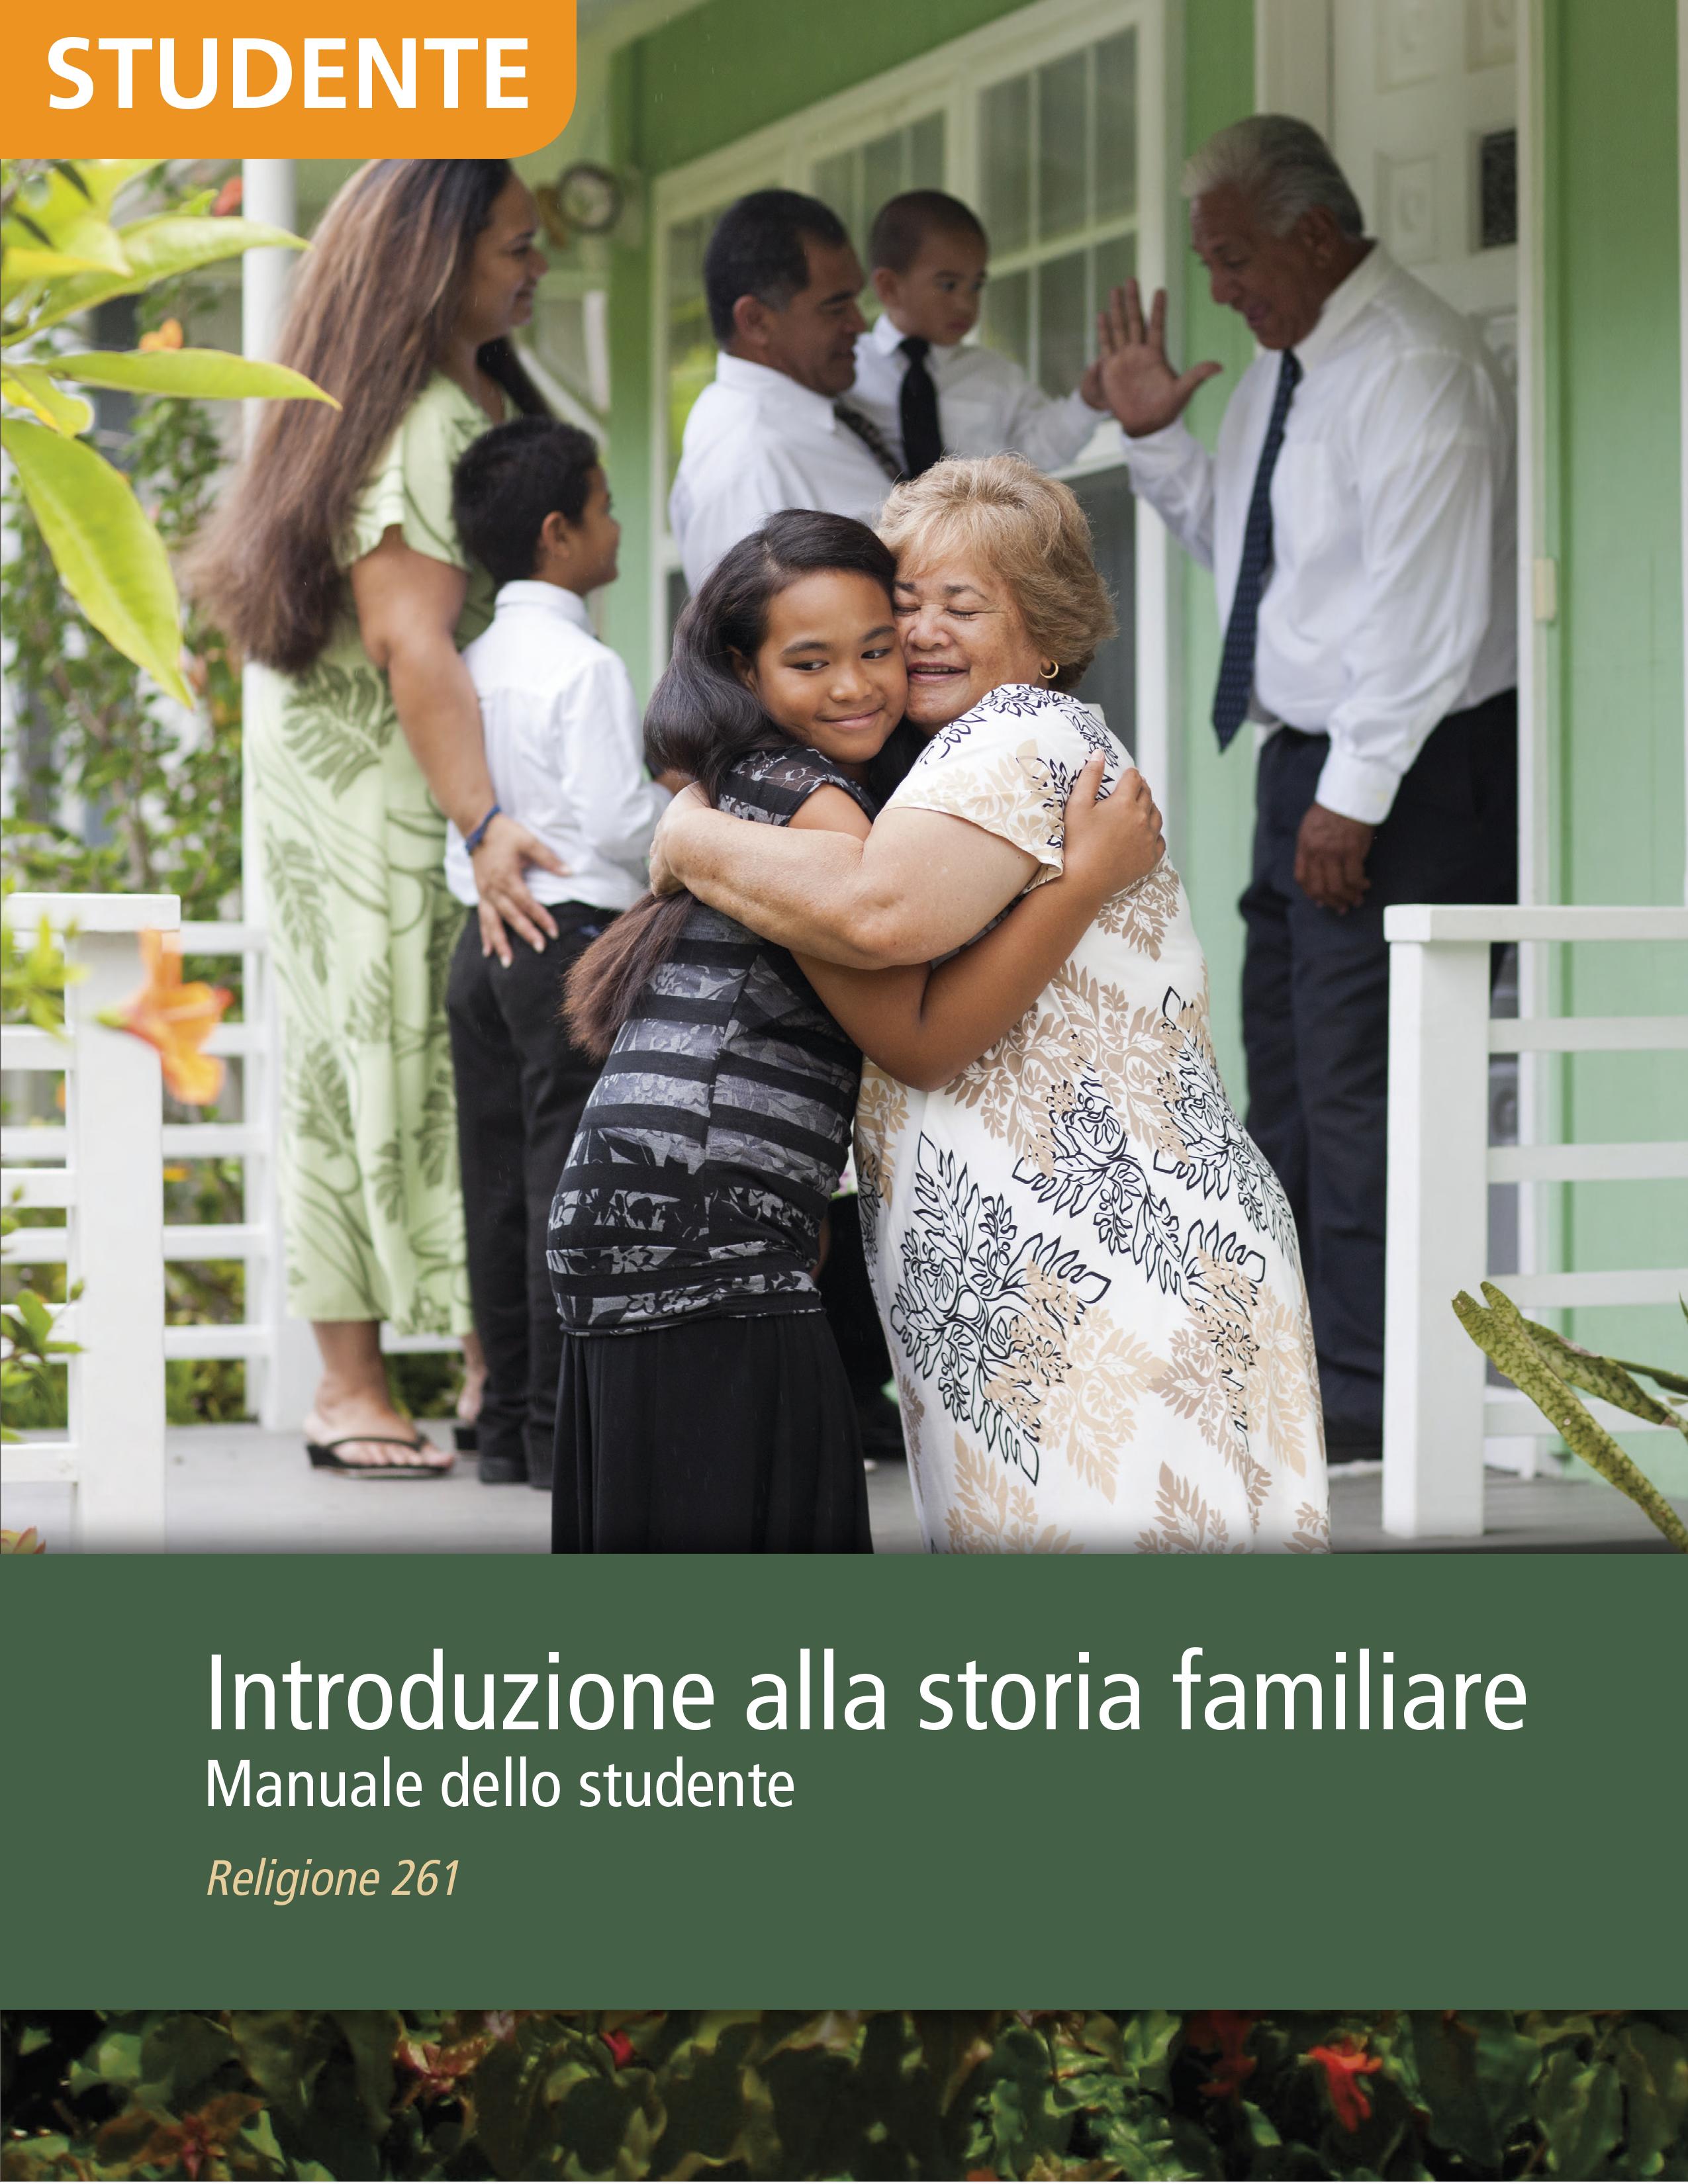 Introduzione alla storia familiare – Manuale dello studente (Religione 261)